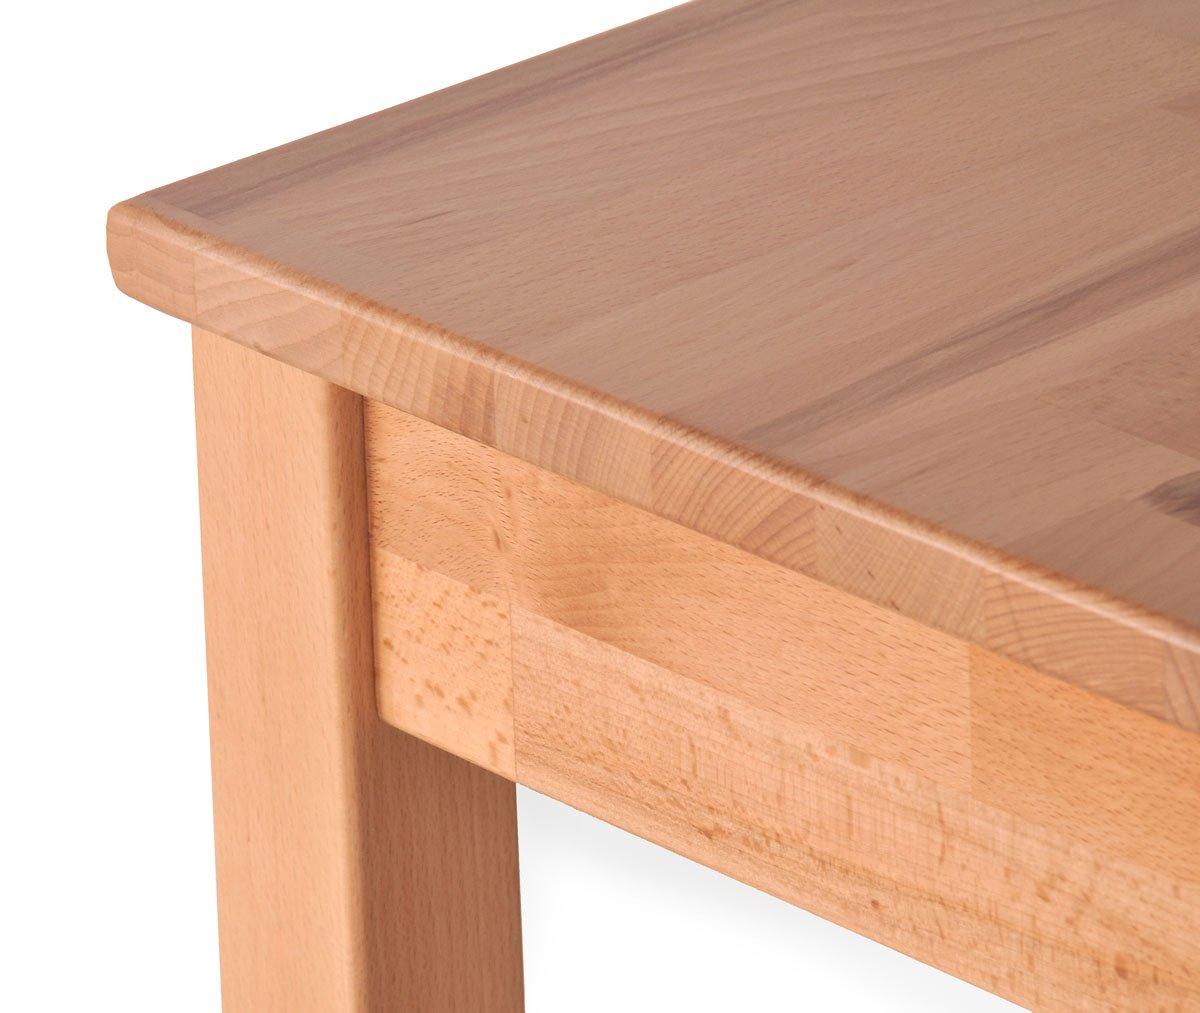 SAM® Kernbuche Tisch Erik Küchentisch lackiert 70 x 50 cm massiv ...